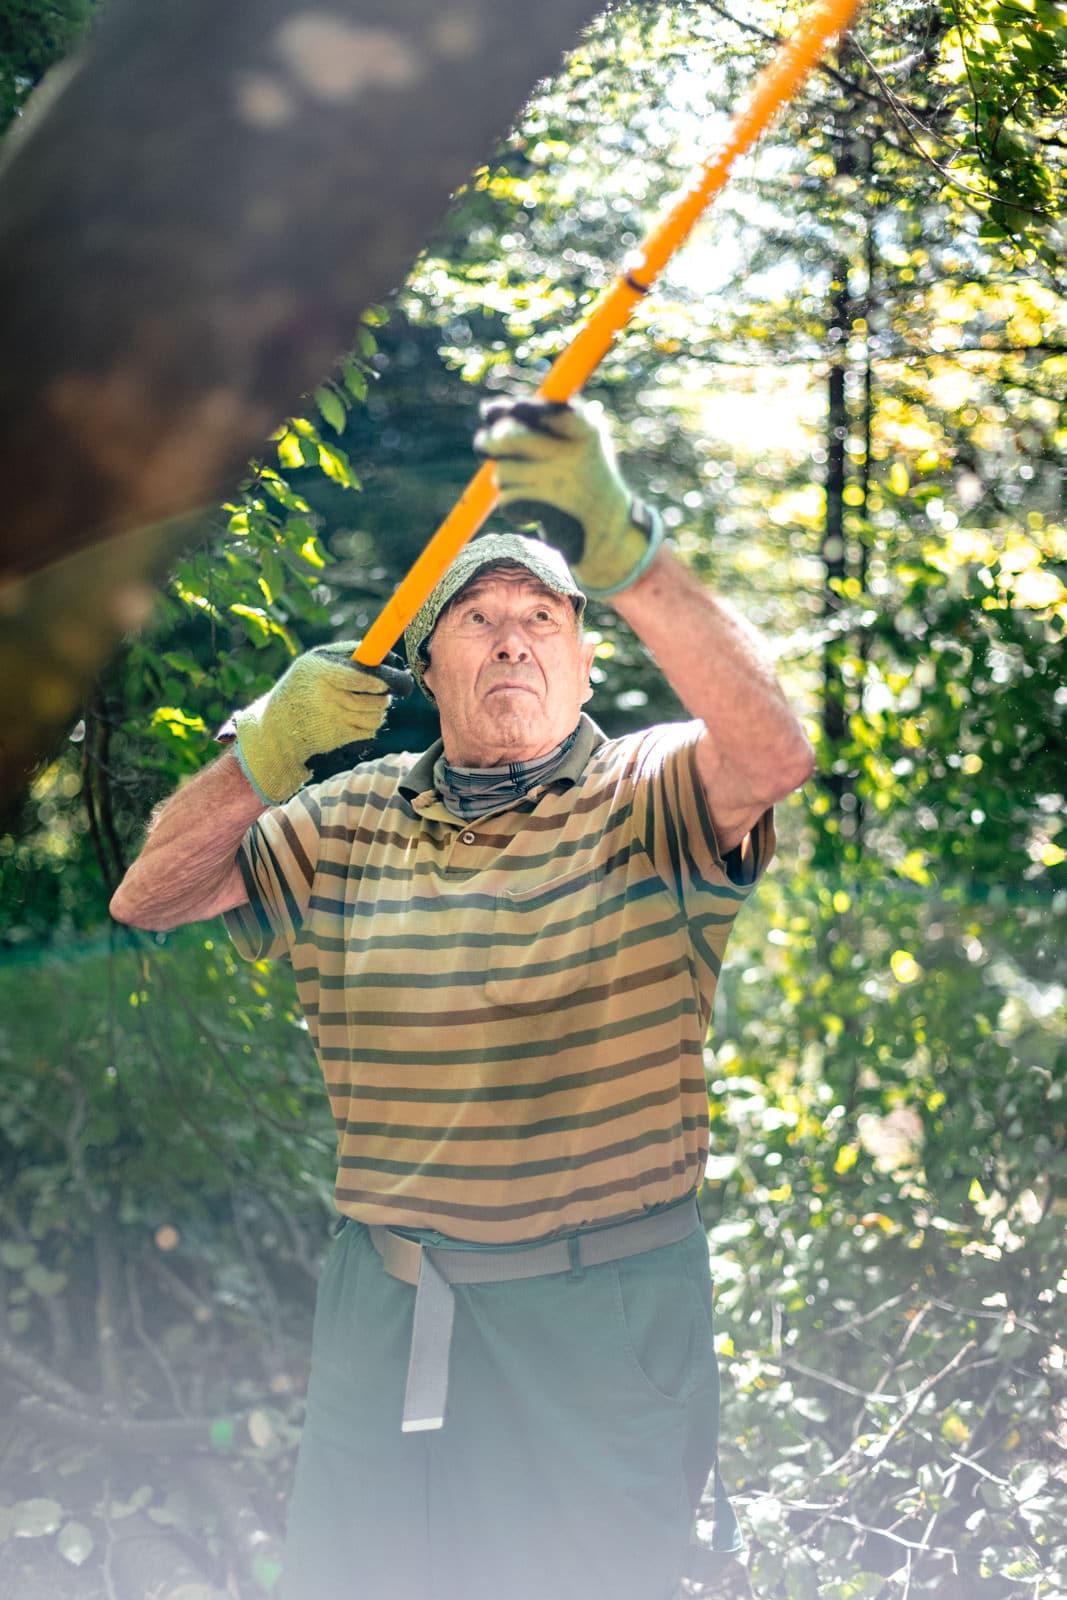 Ein alter Mann sägt einen Ast mit einer Astsäge ab im Sommer im Wald